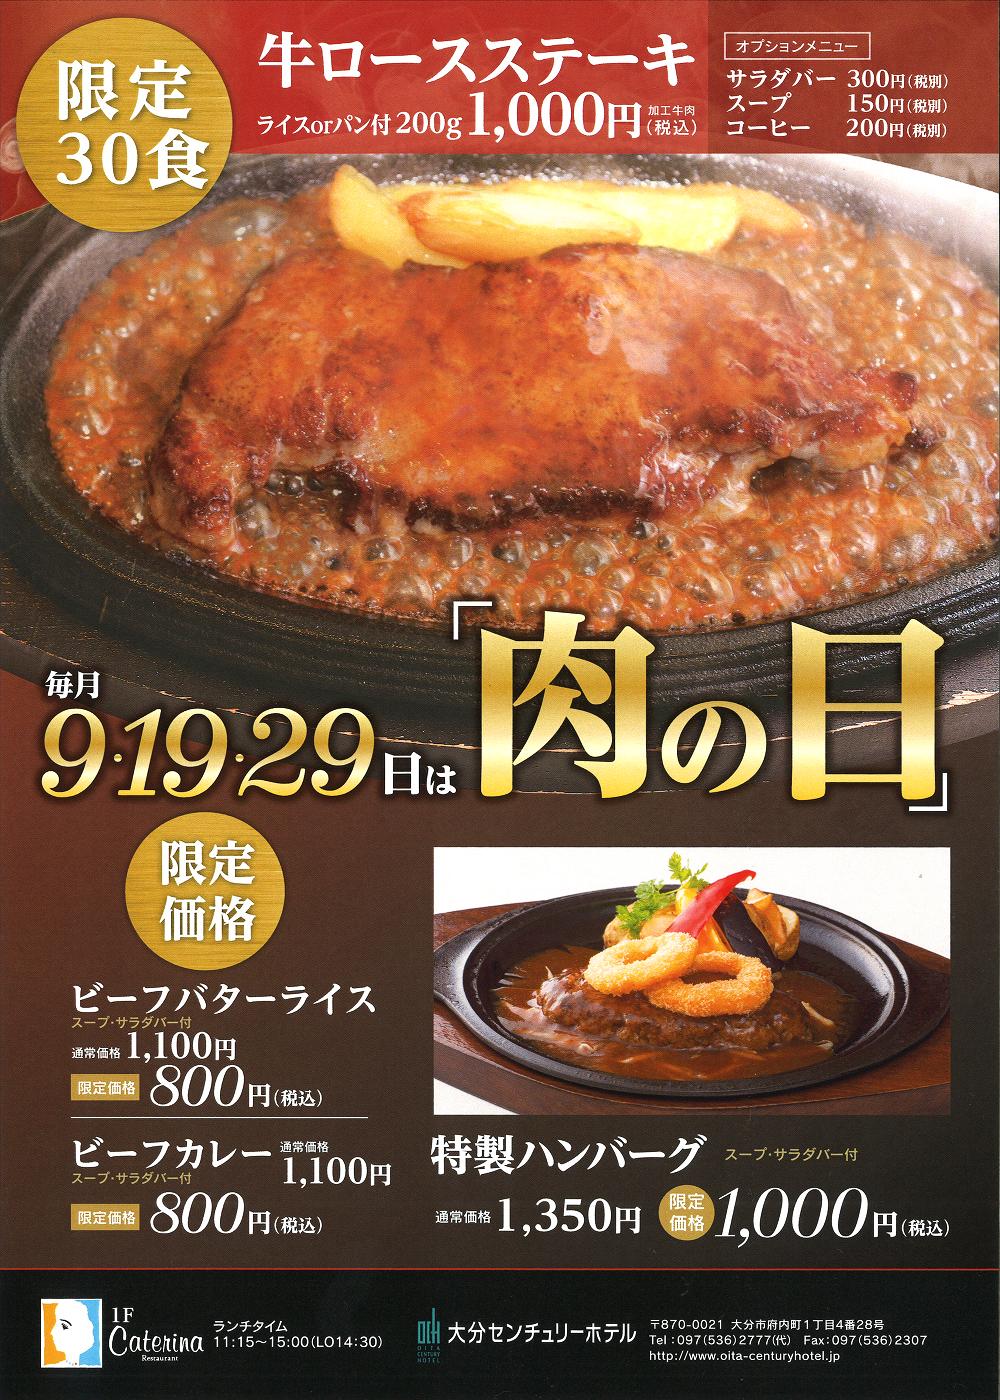 ランチタイム 肉の日